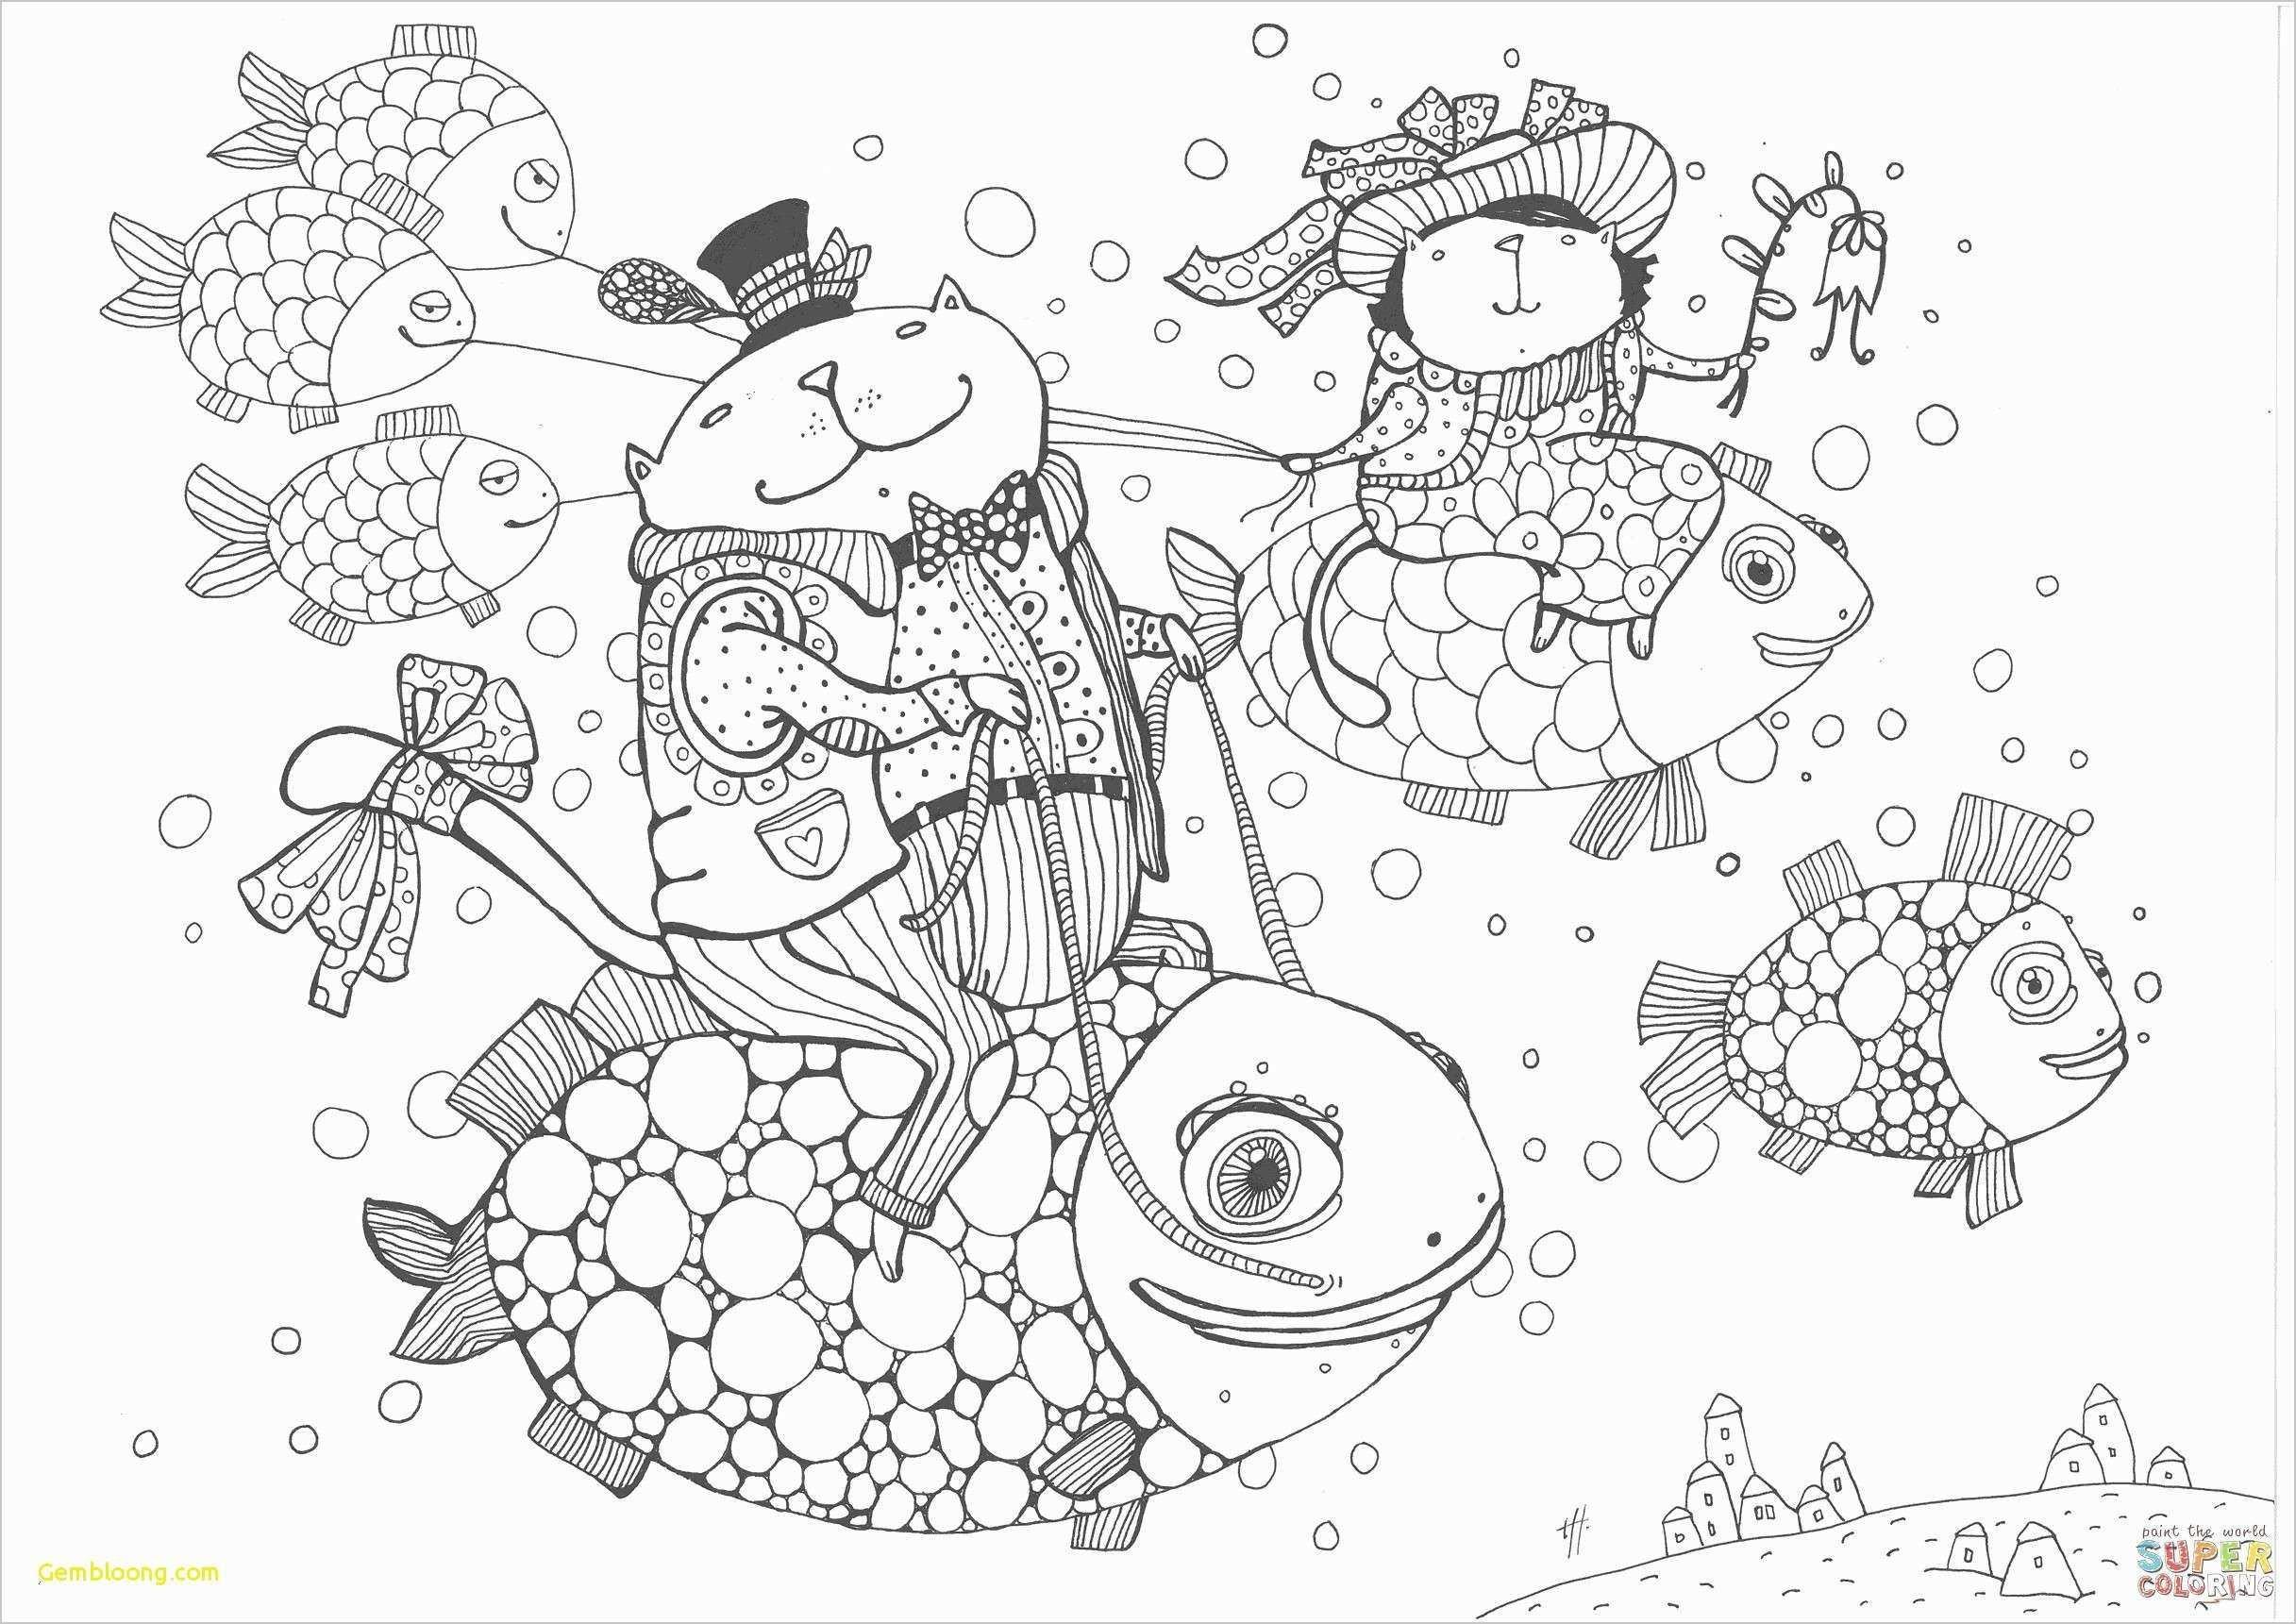 Malvorlagen Bilder Weihnachten Genial Weihnachten Bilder Malen Vorschlag Kostenlose Ausmalbilder Das Bild